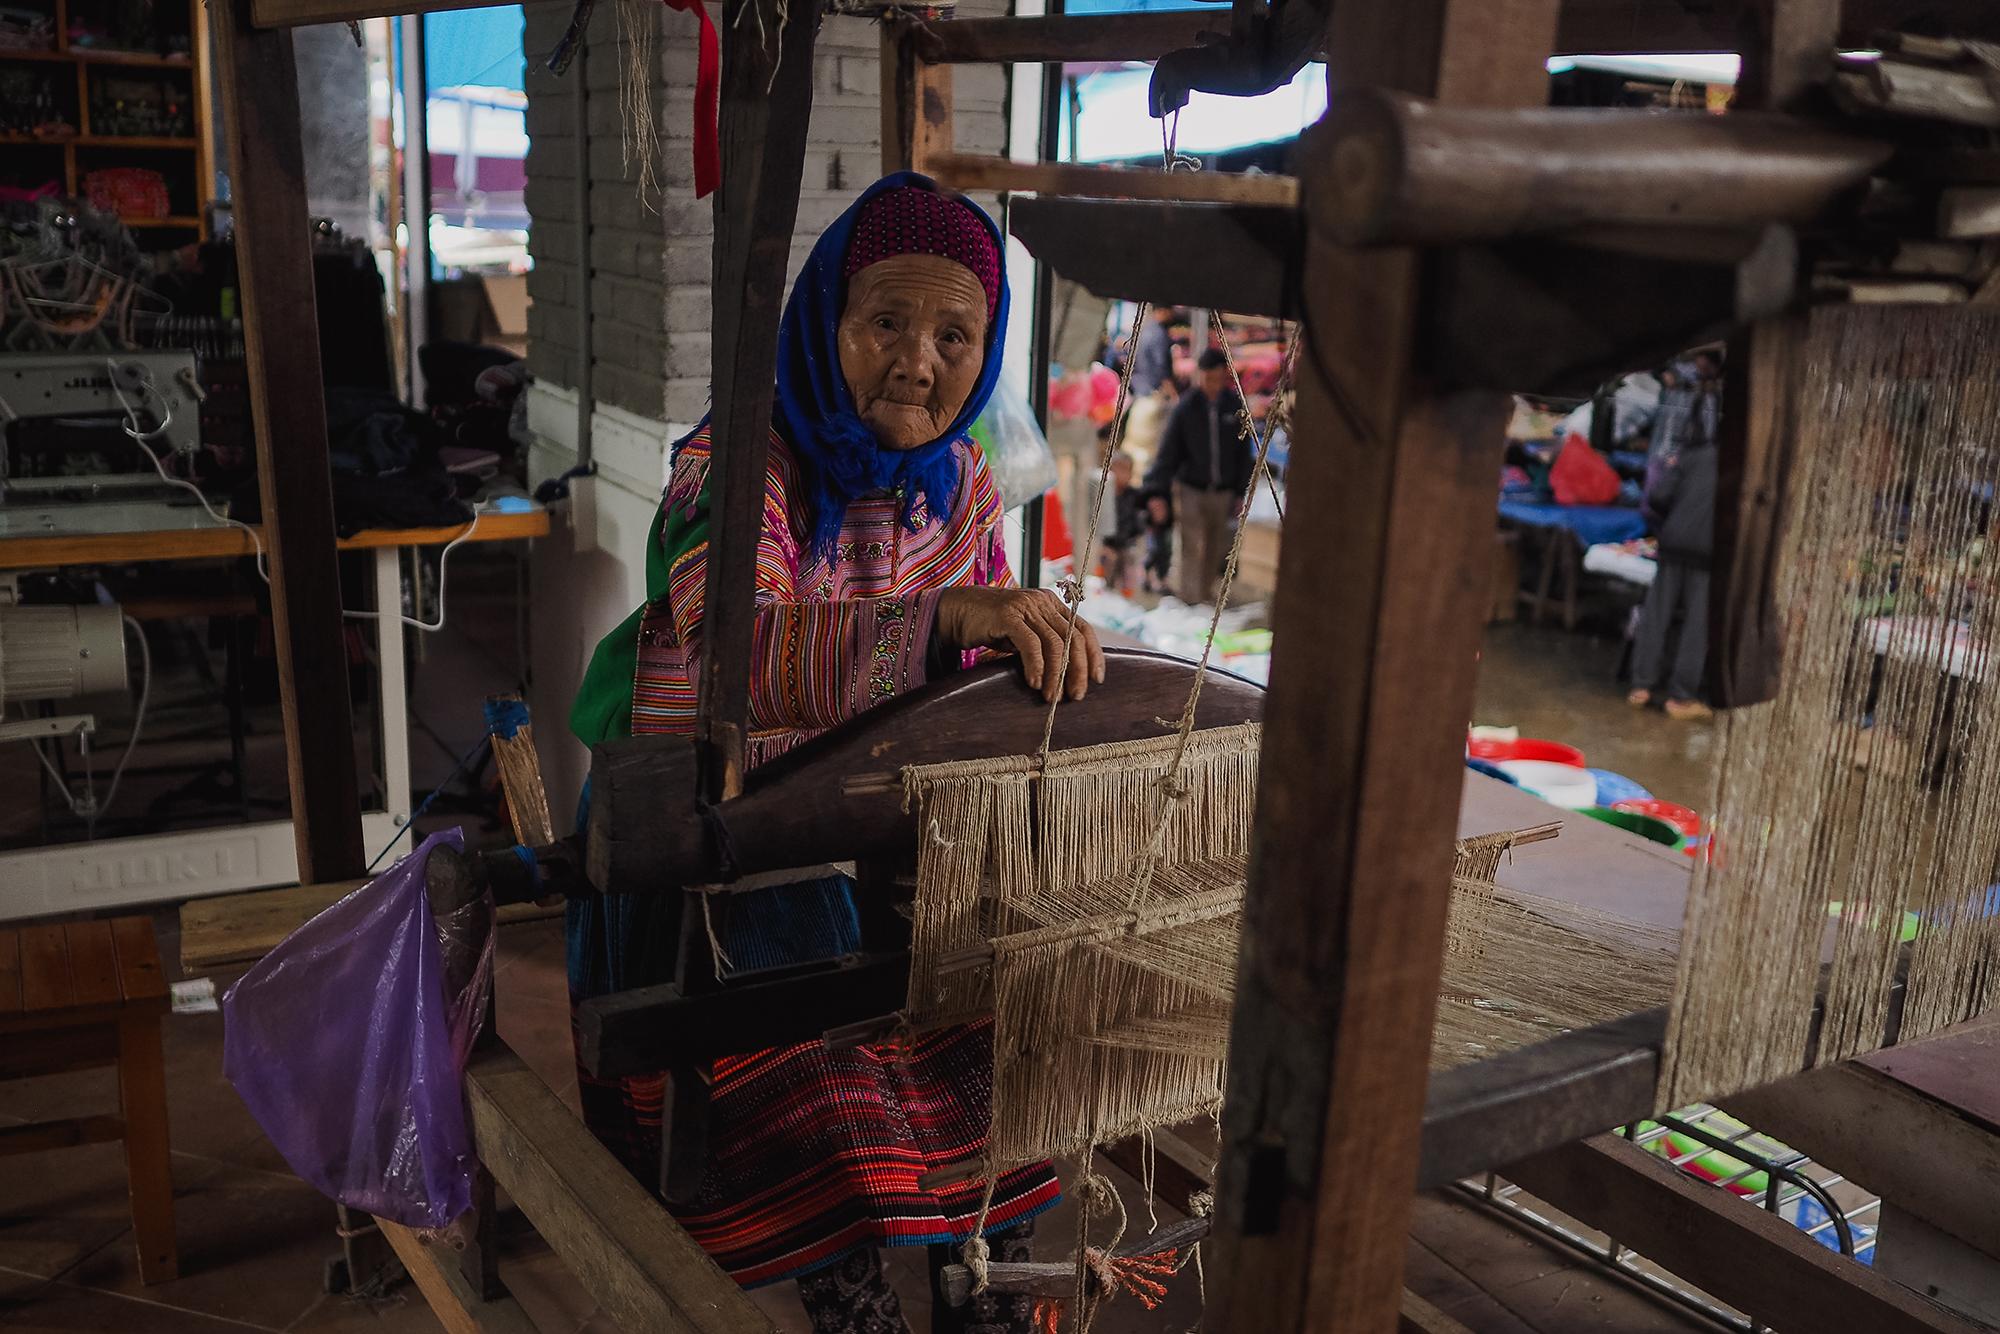 Tisserande dans le marché de Bac Ha